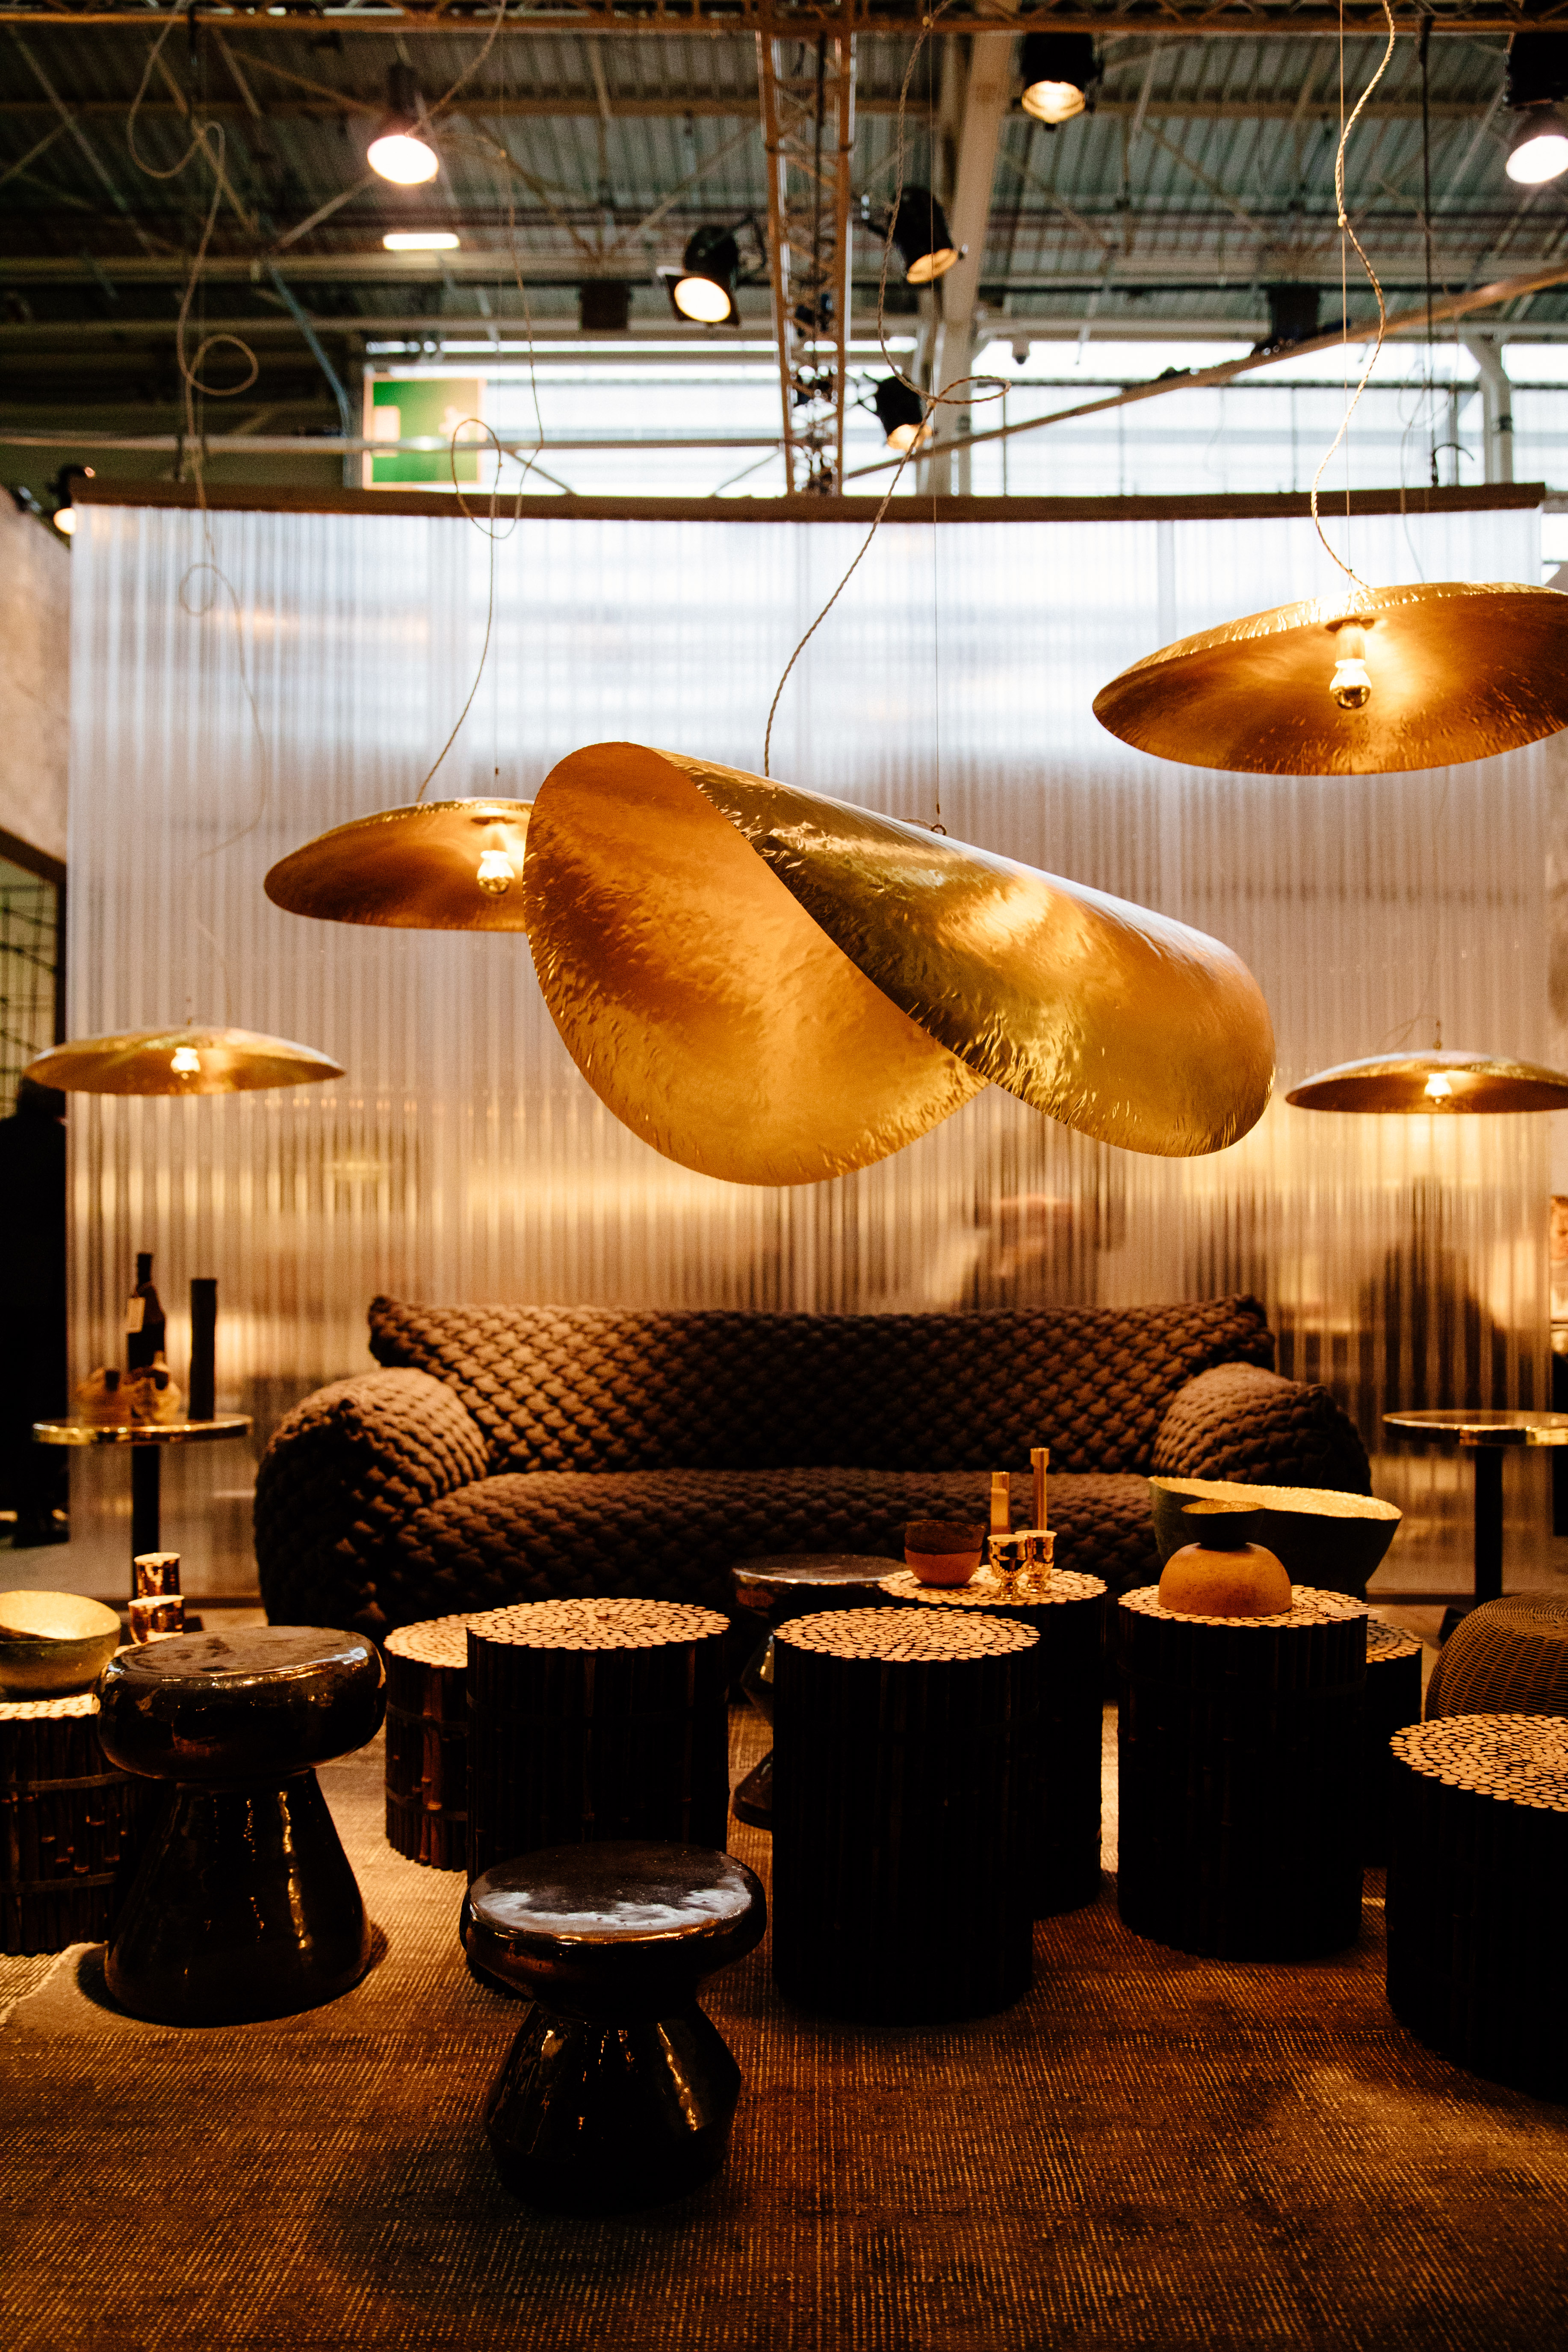 décoration vert et doré - luminaire doré